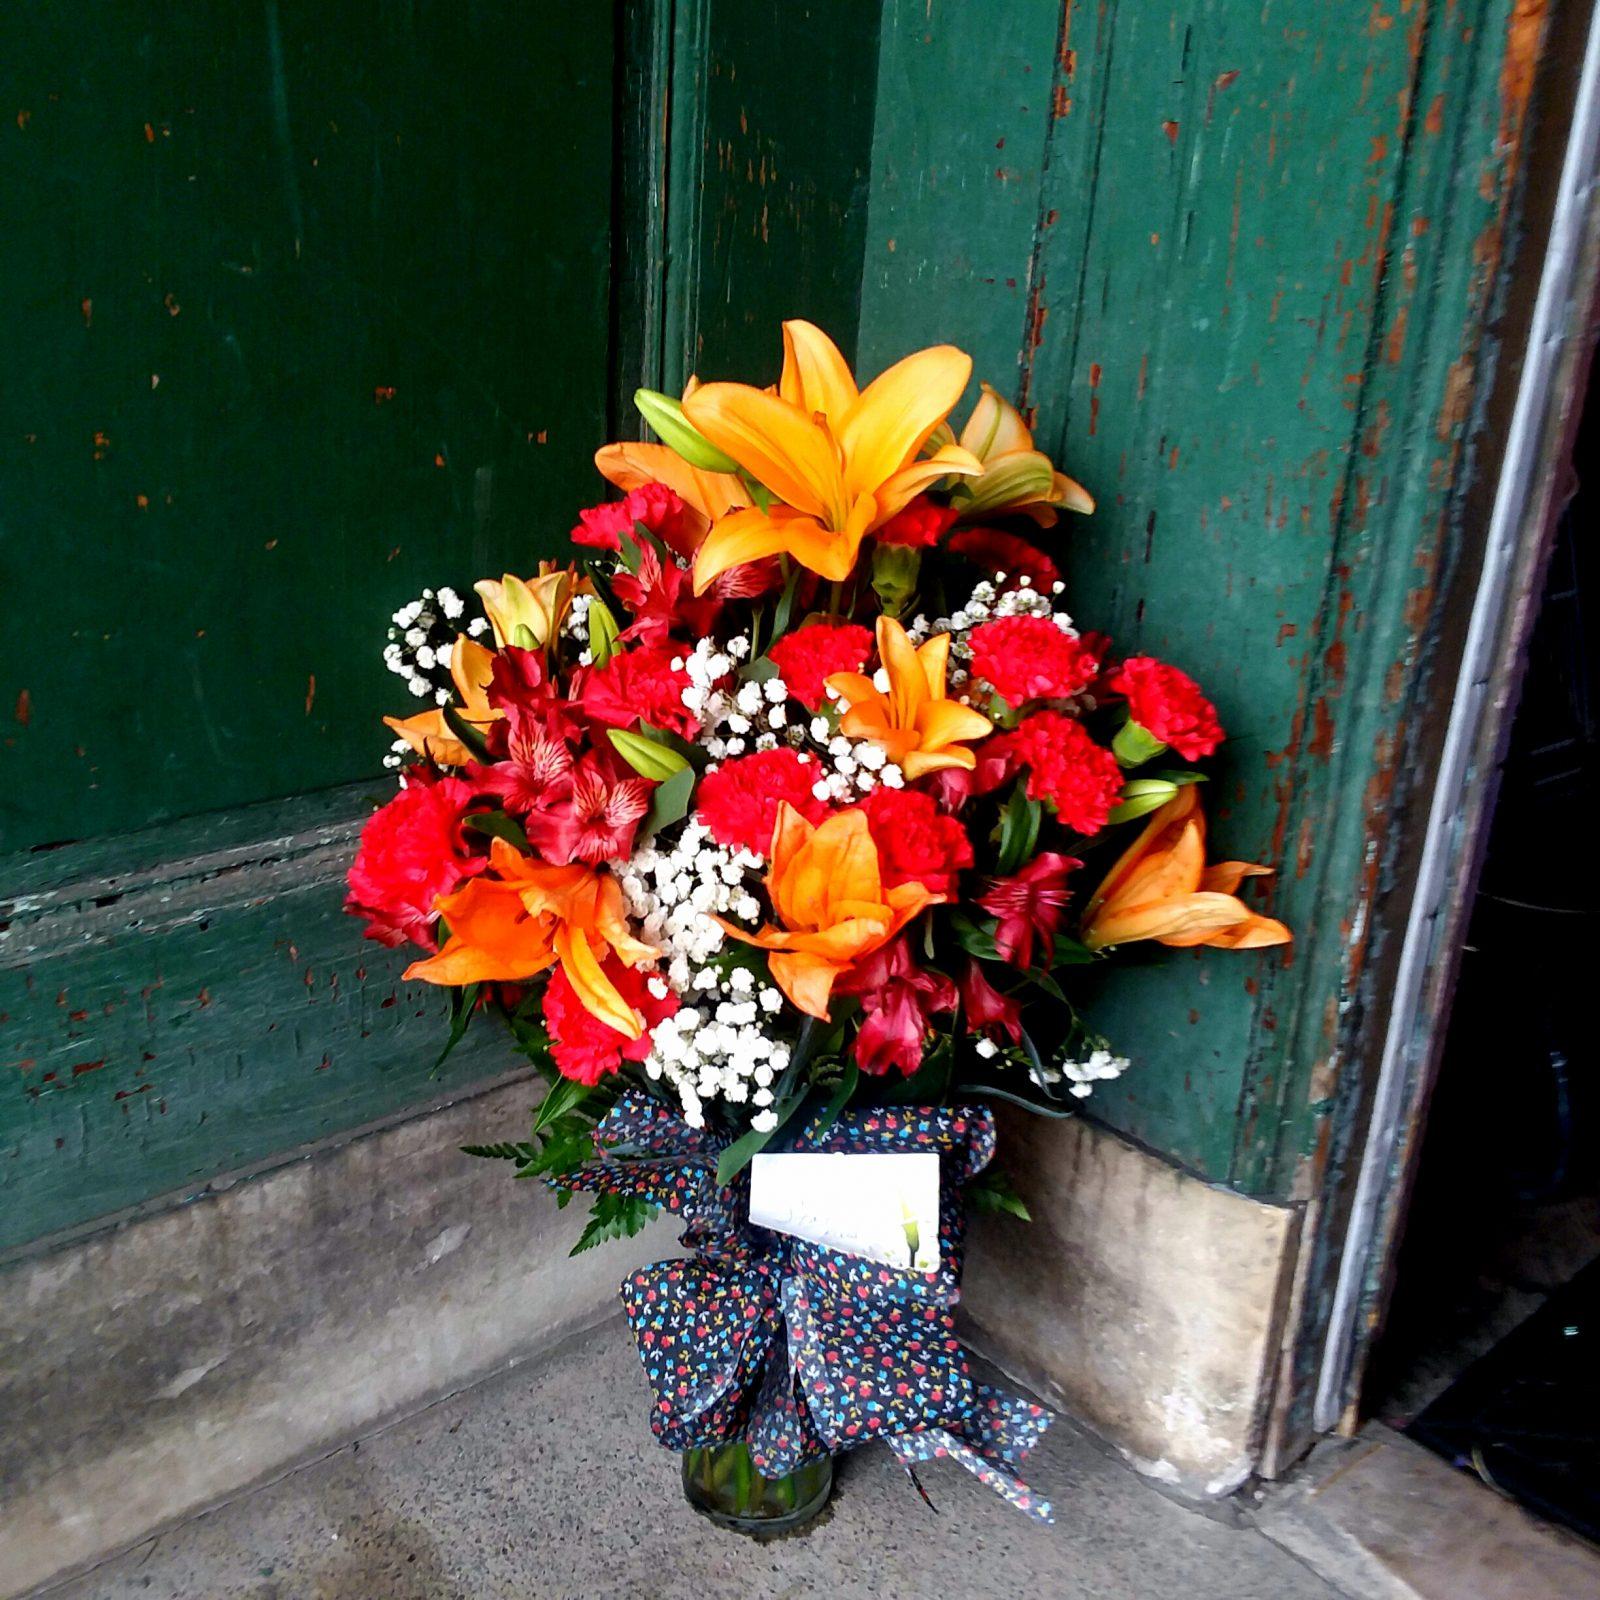 ROSE PETALS FLORIST (315)823-7073 little falls NY FLORIST